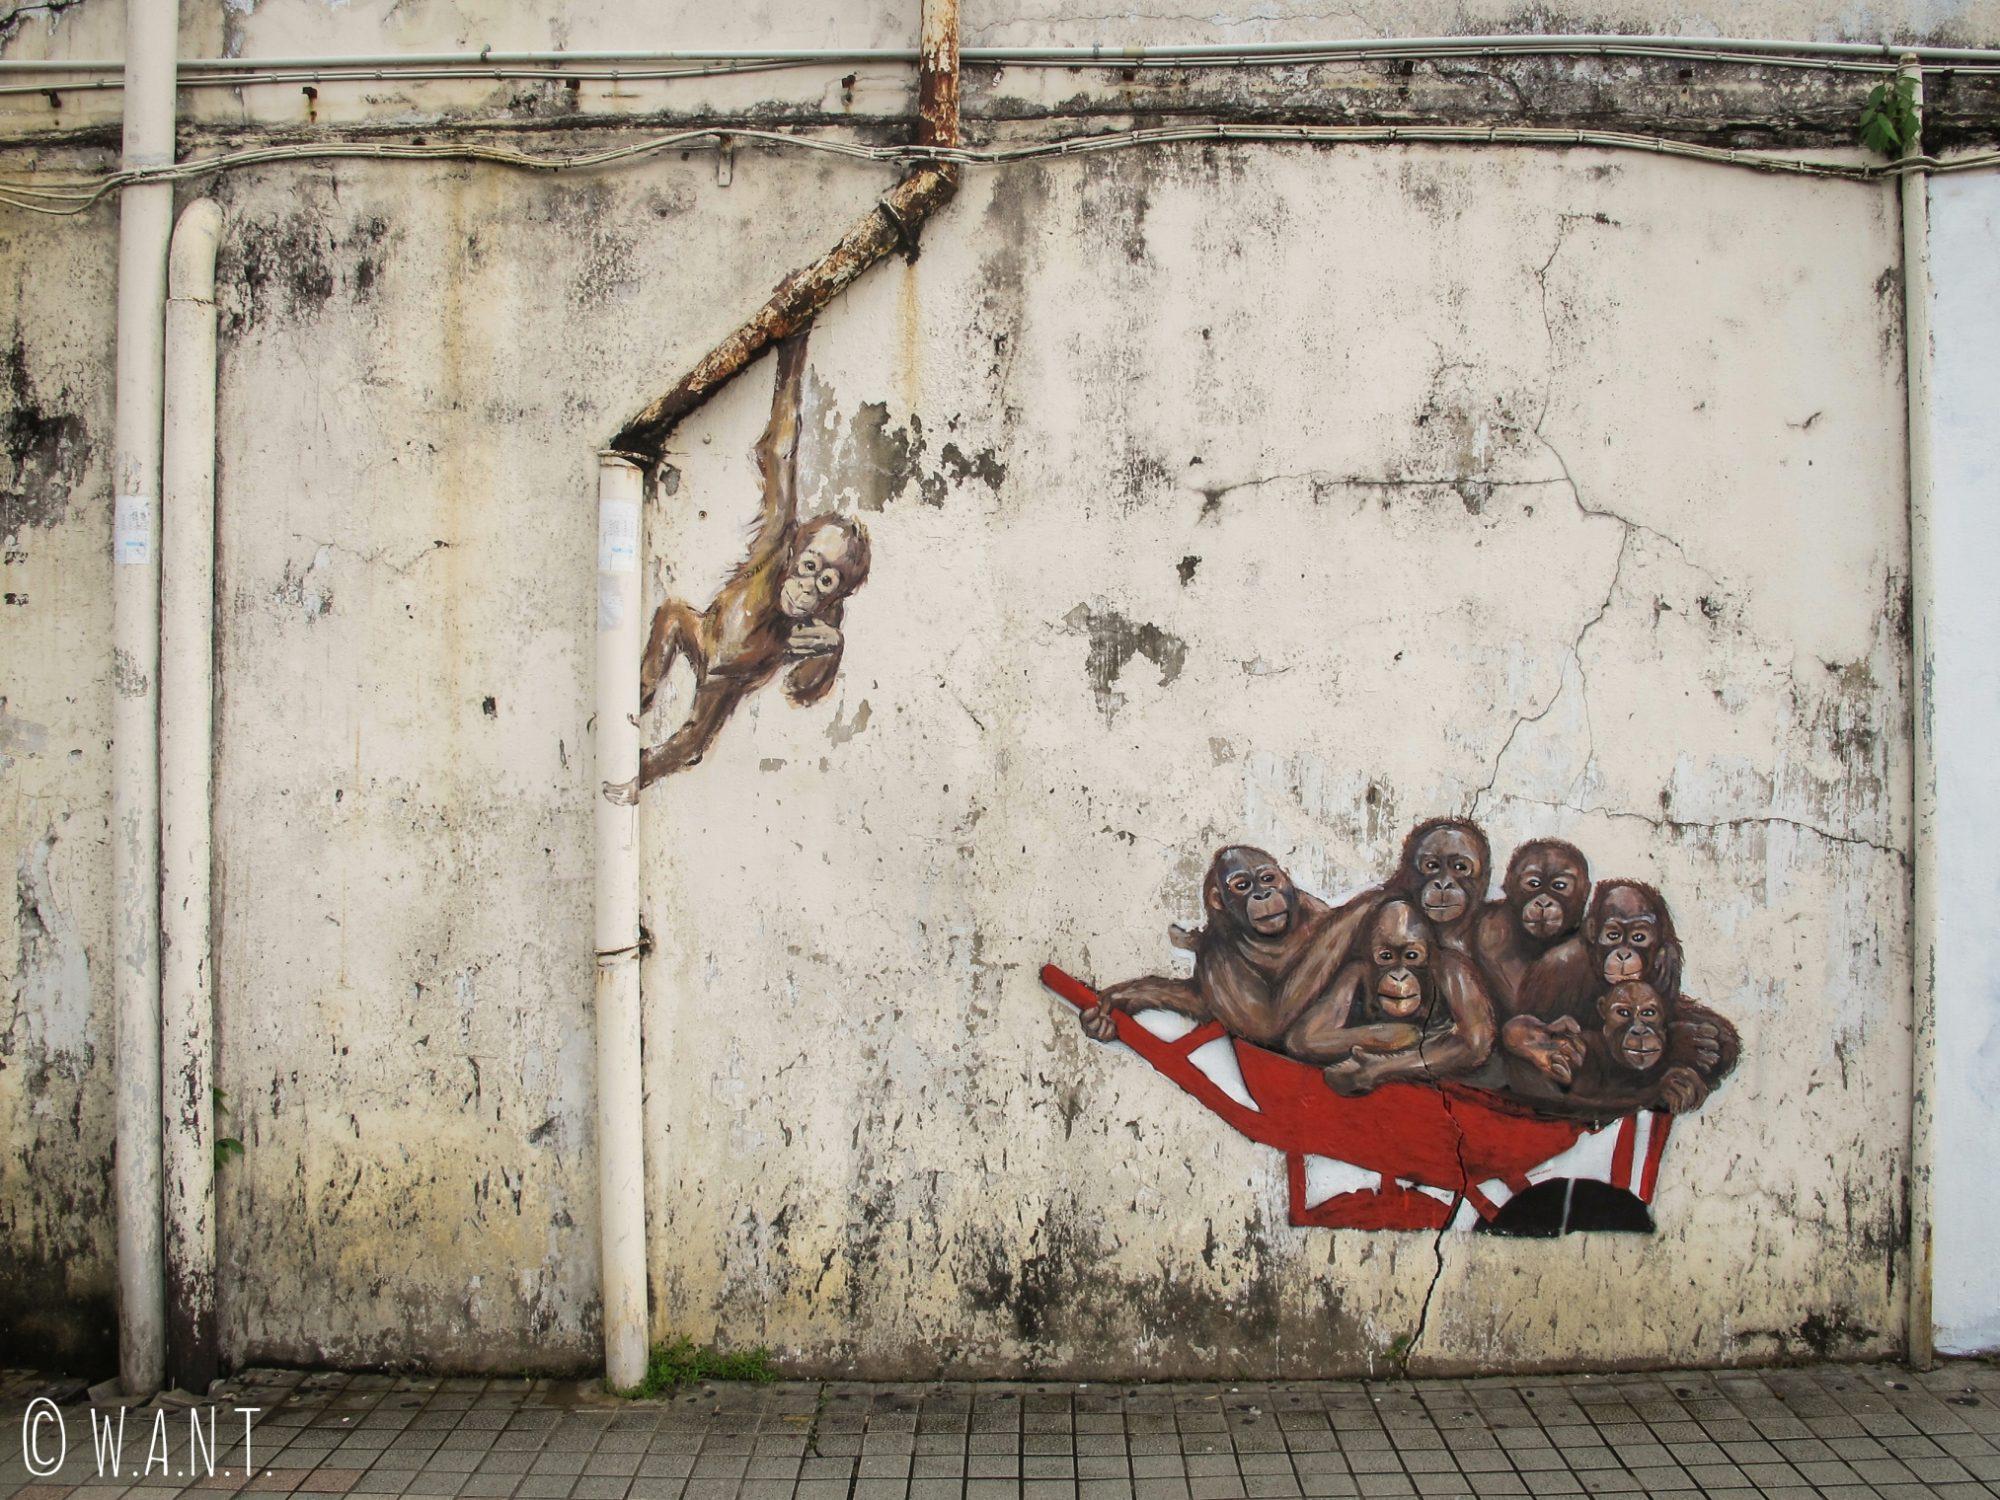 Orangs-outans dans une brouette sur les murs de Kuching